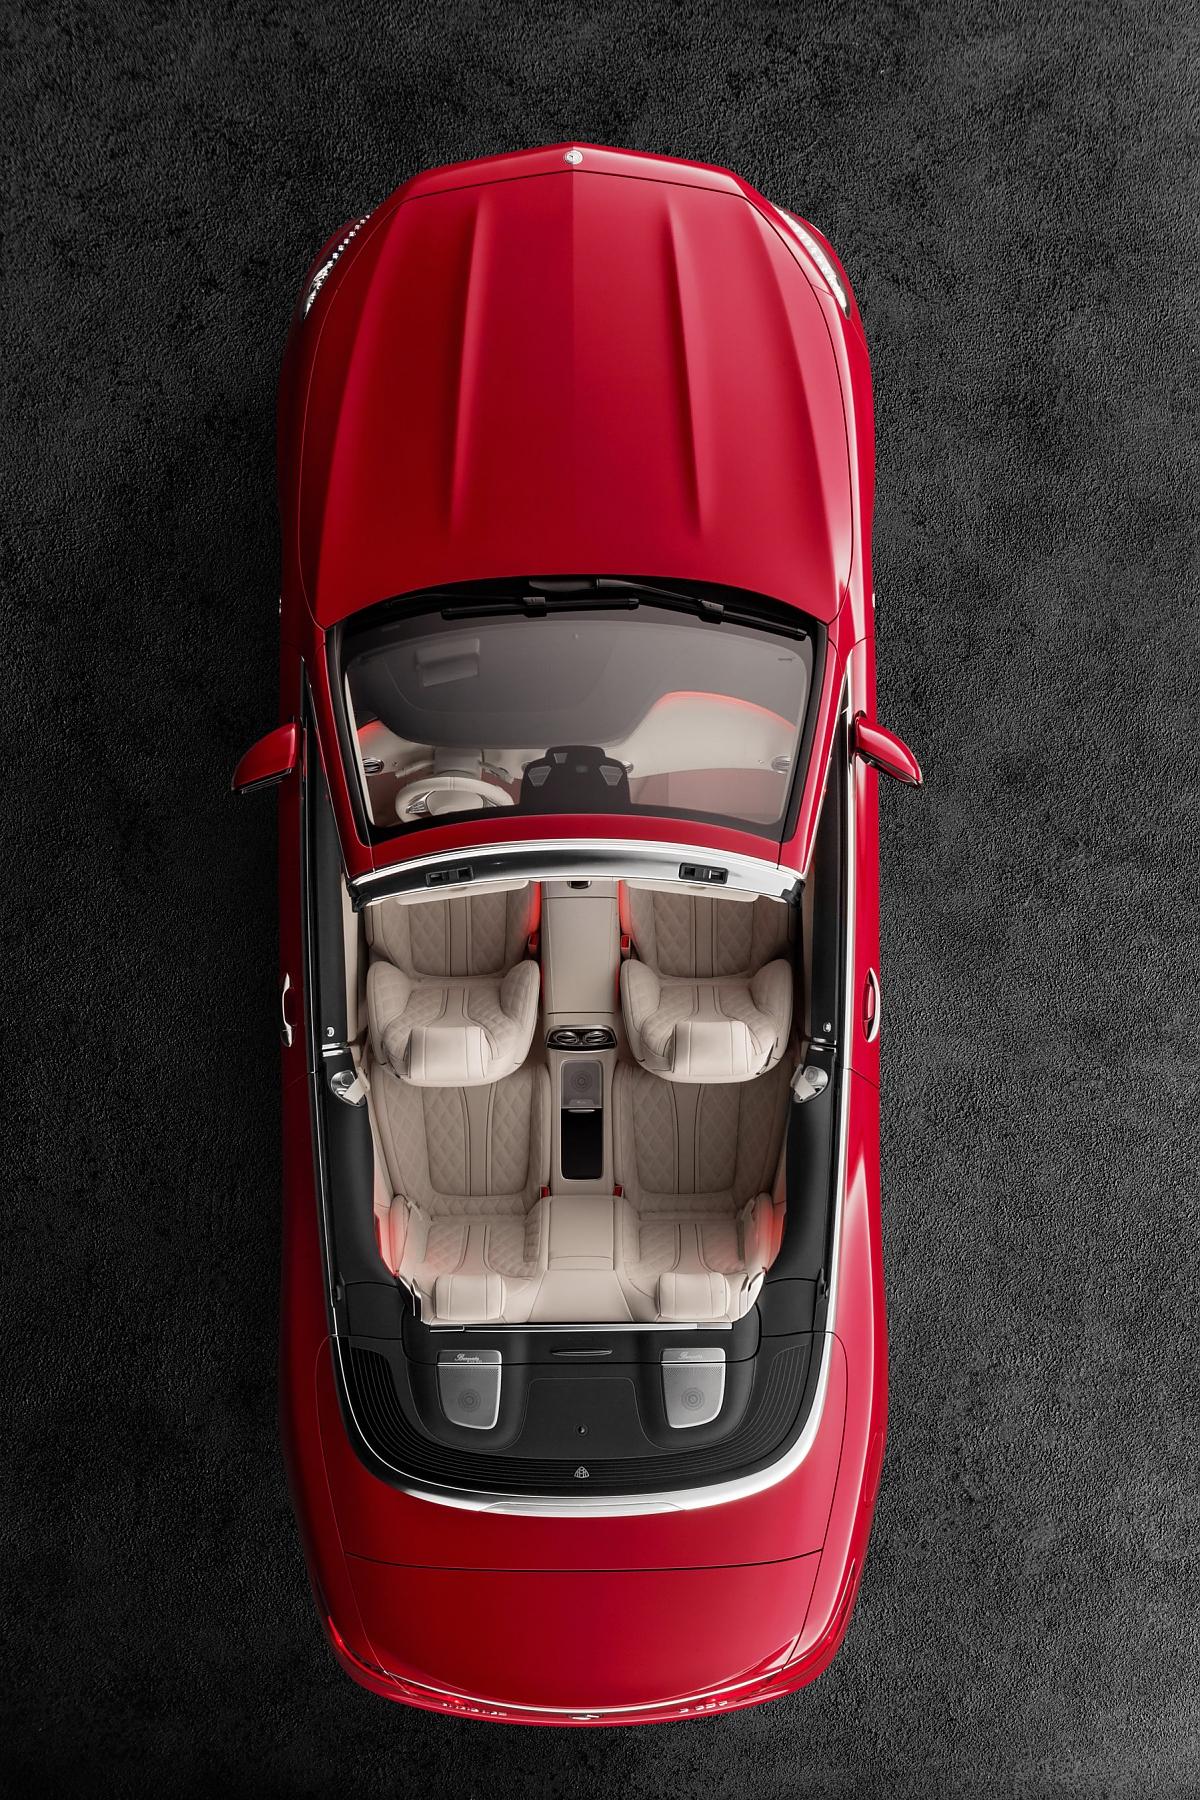 Mercedes Maybach S 650 S Klasse Cabrio Mit Taschenset